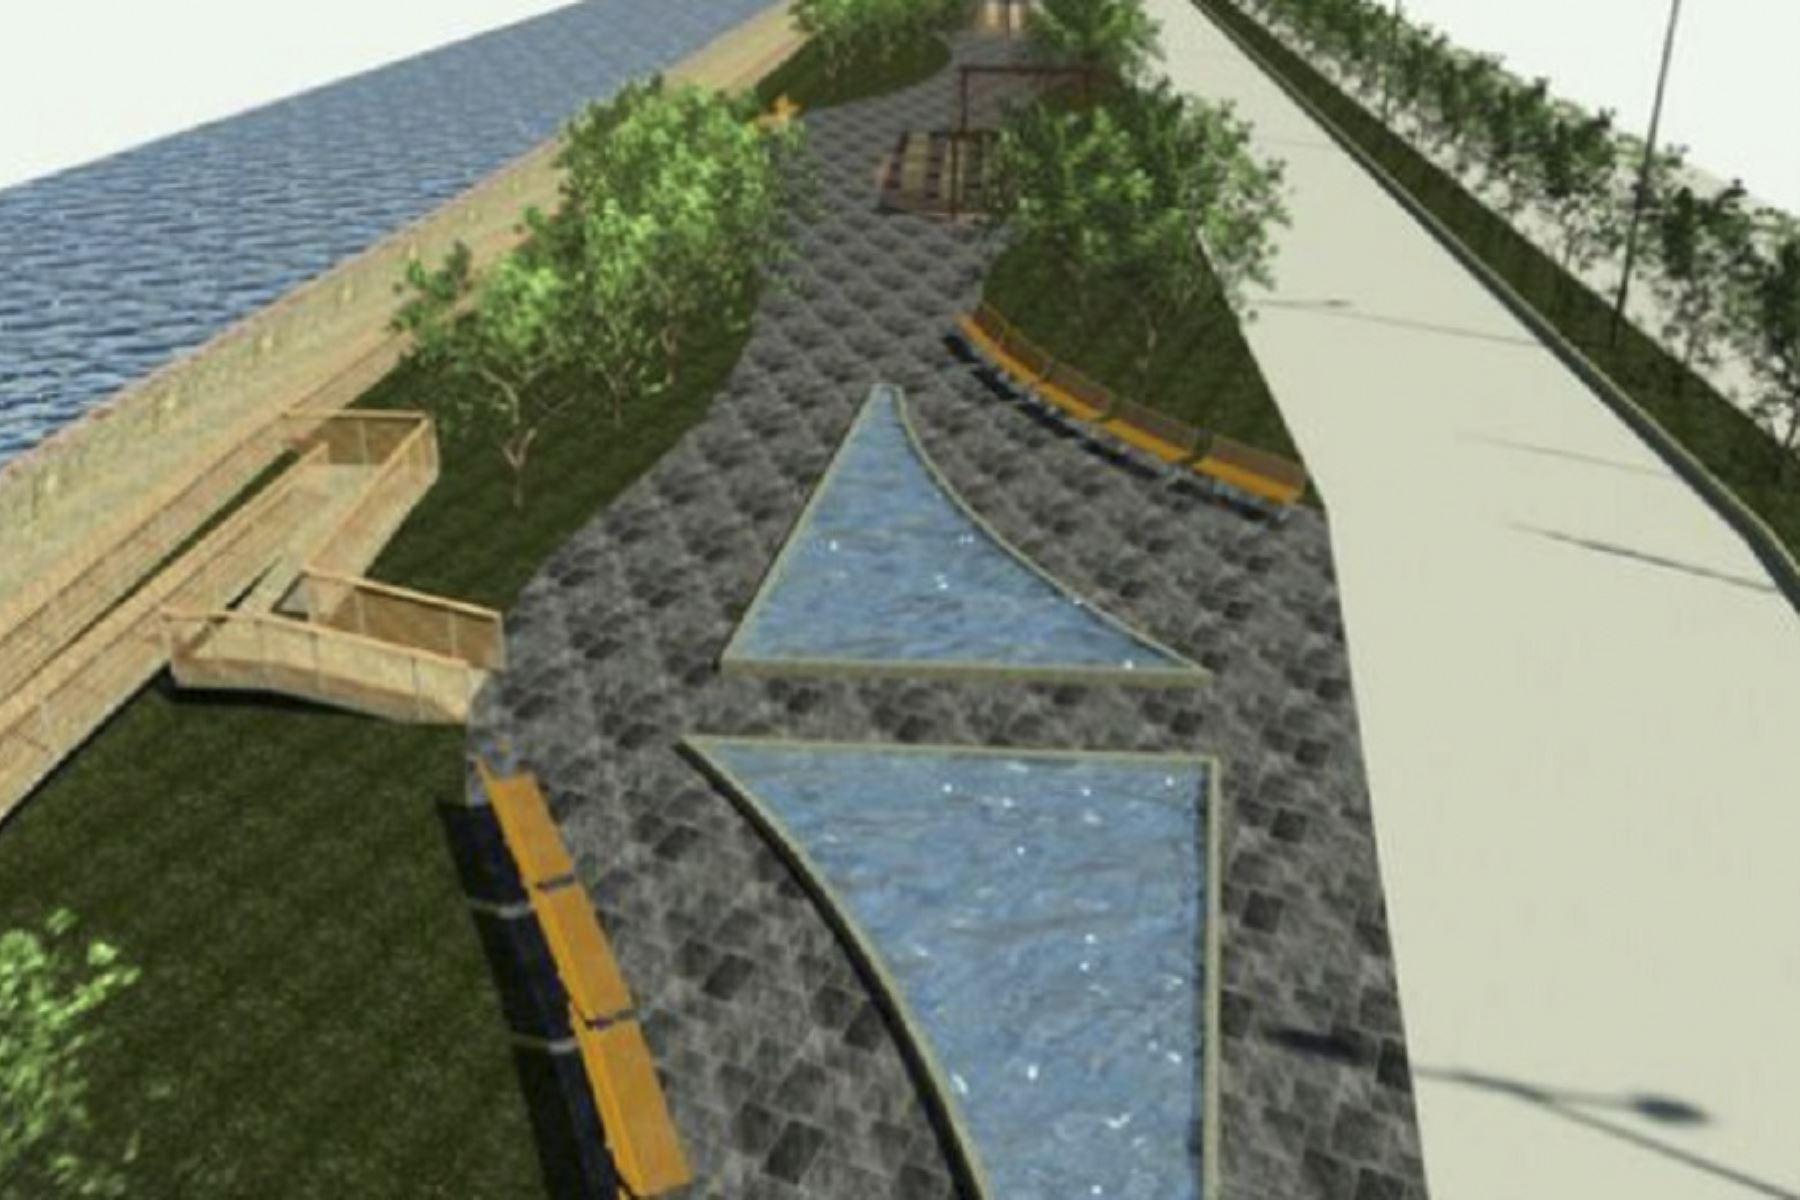 Recuperación y mejora del malecón ribereño de Moquegua avanza a paso firme | Noticias